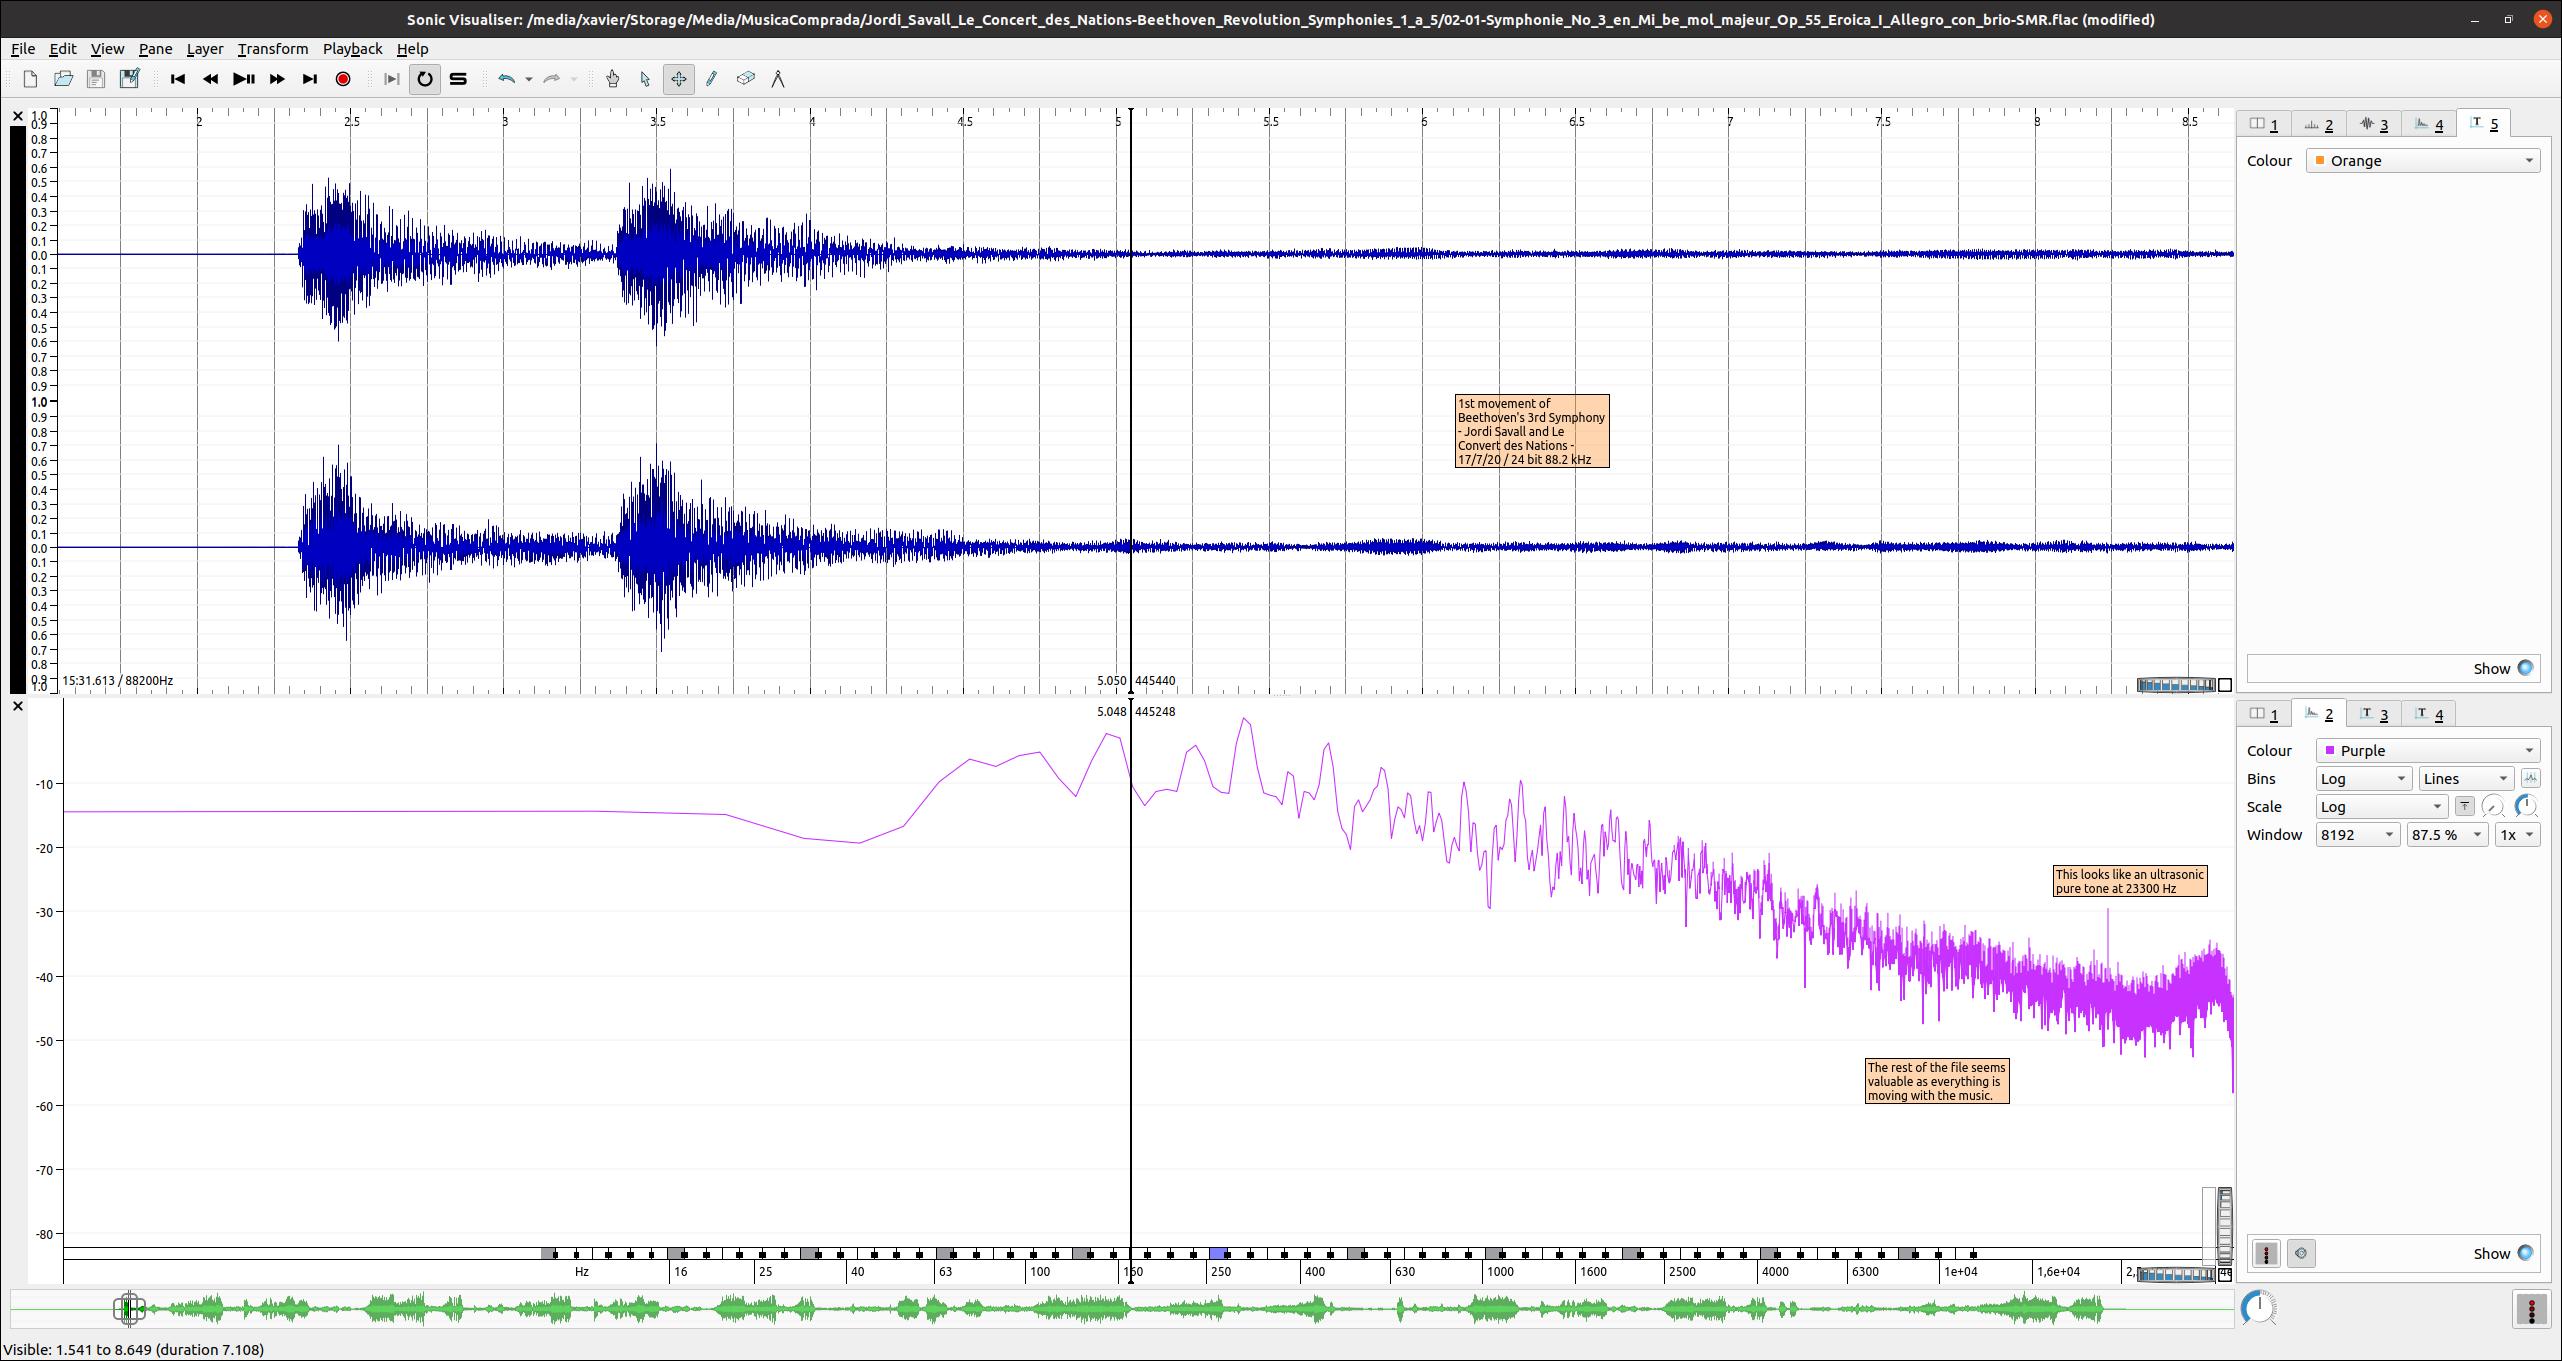 audio_spectrum.png